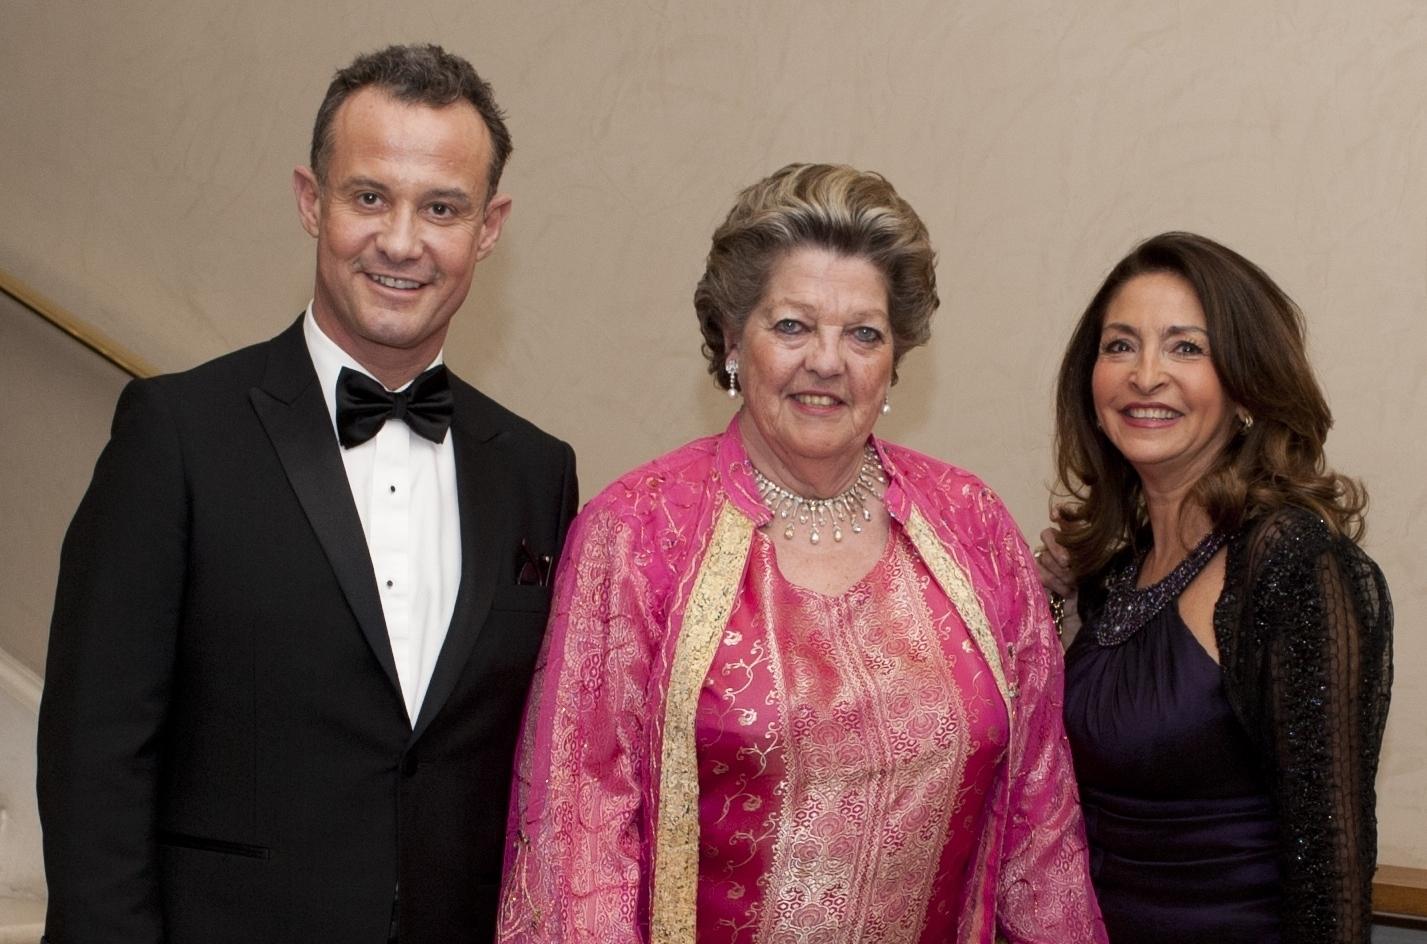 Francis BAILLET, président du Cercle Montherlant - S.A.R la princesse Chantal de FRANCE - Nicole GUEDJ, présidente de la fondation France Israël